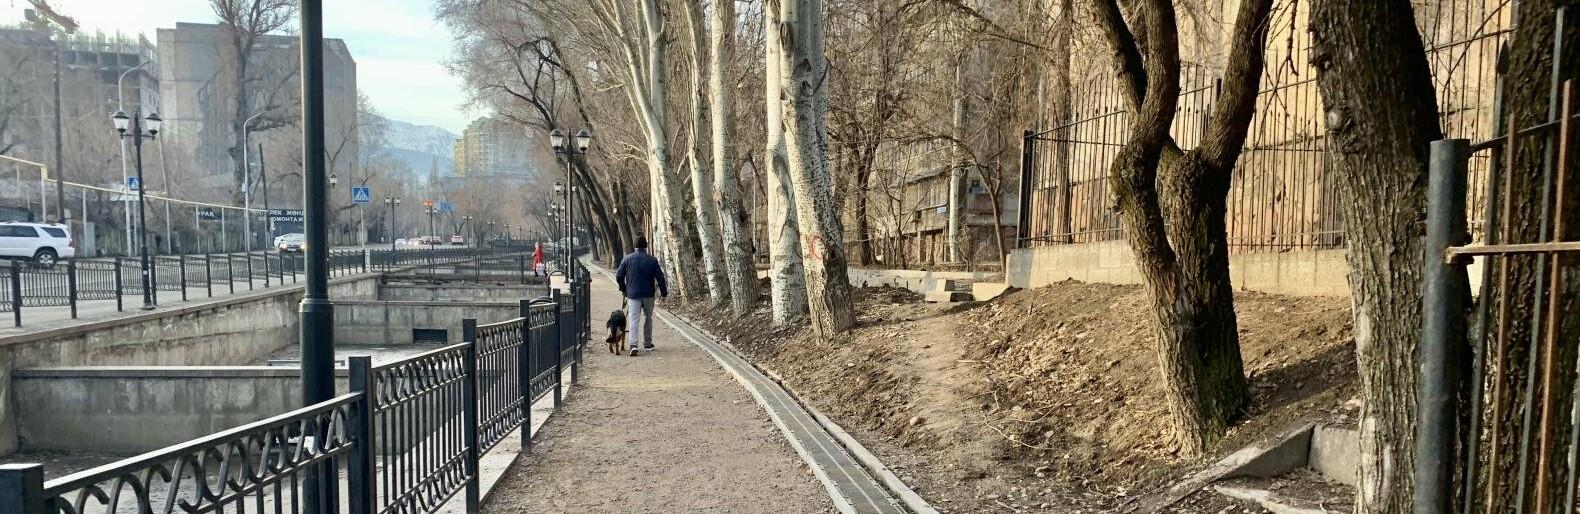 Три площадки для выгула собак оборудуют в Алмалинском районе Алматы